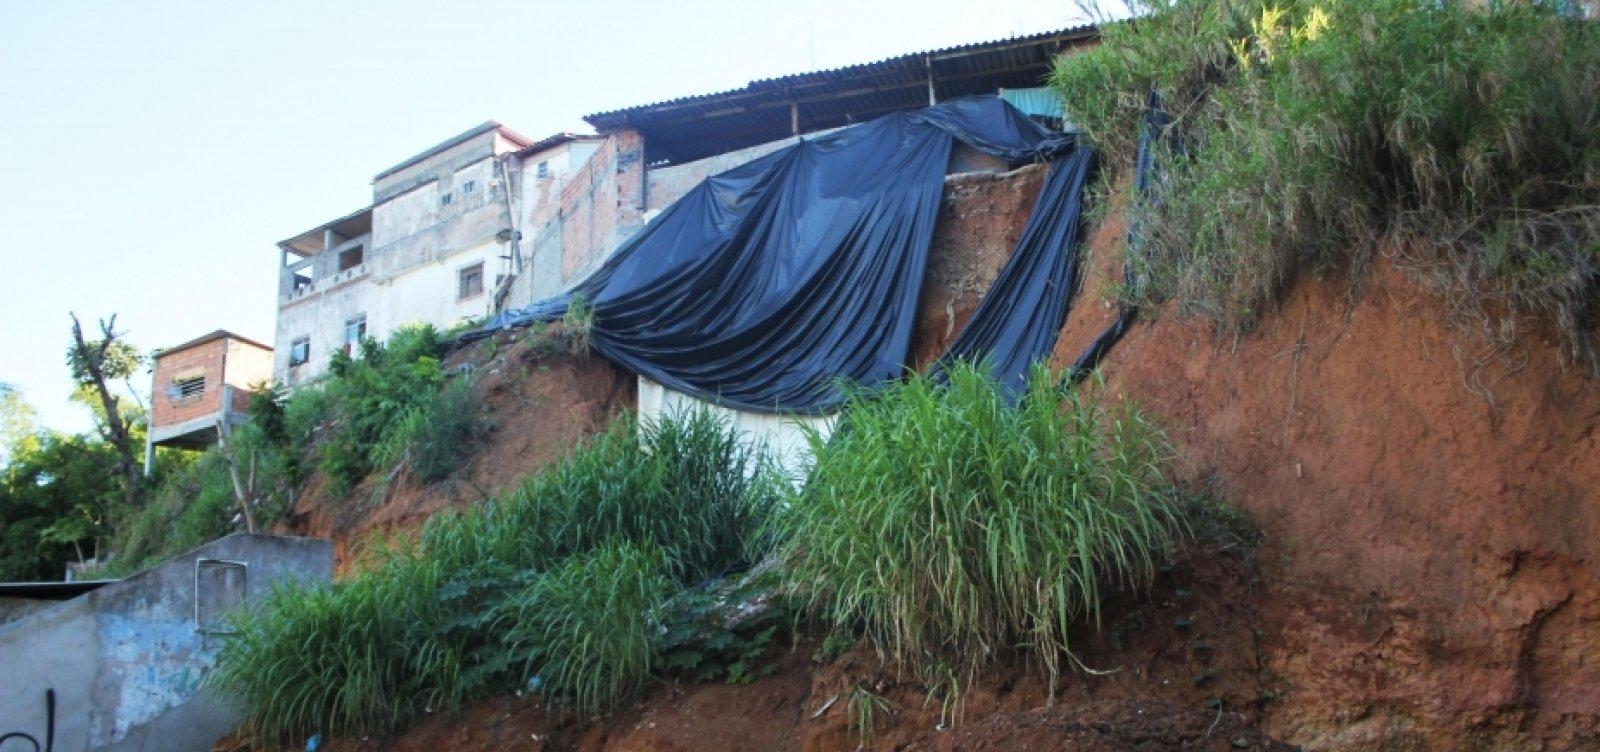 Sirenes de alerta para risco de desabamento e deslizamento de terra são acionadas no Alto da Terezinha